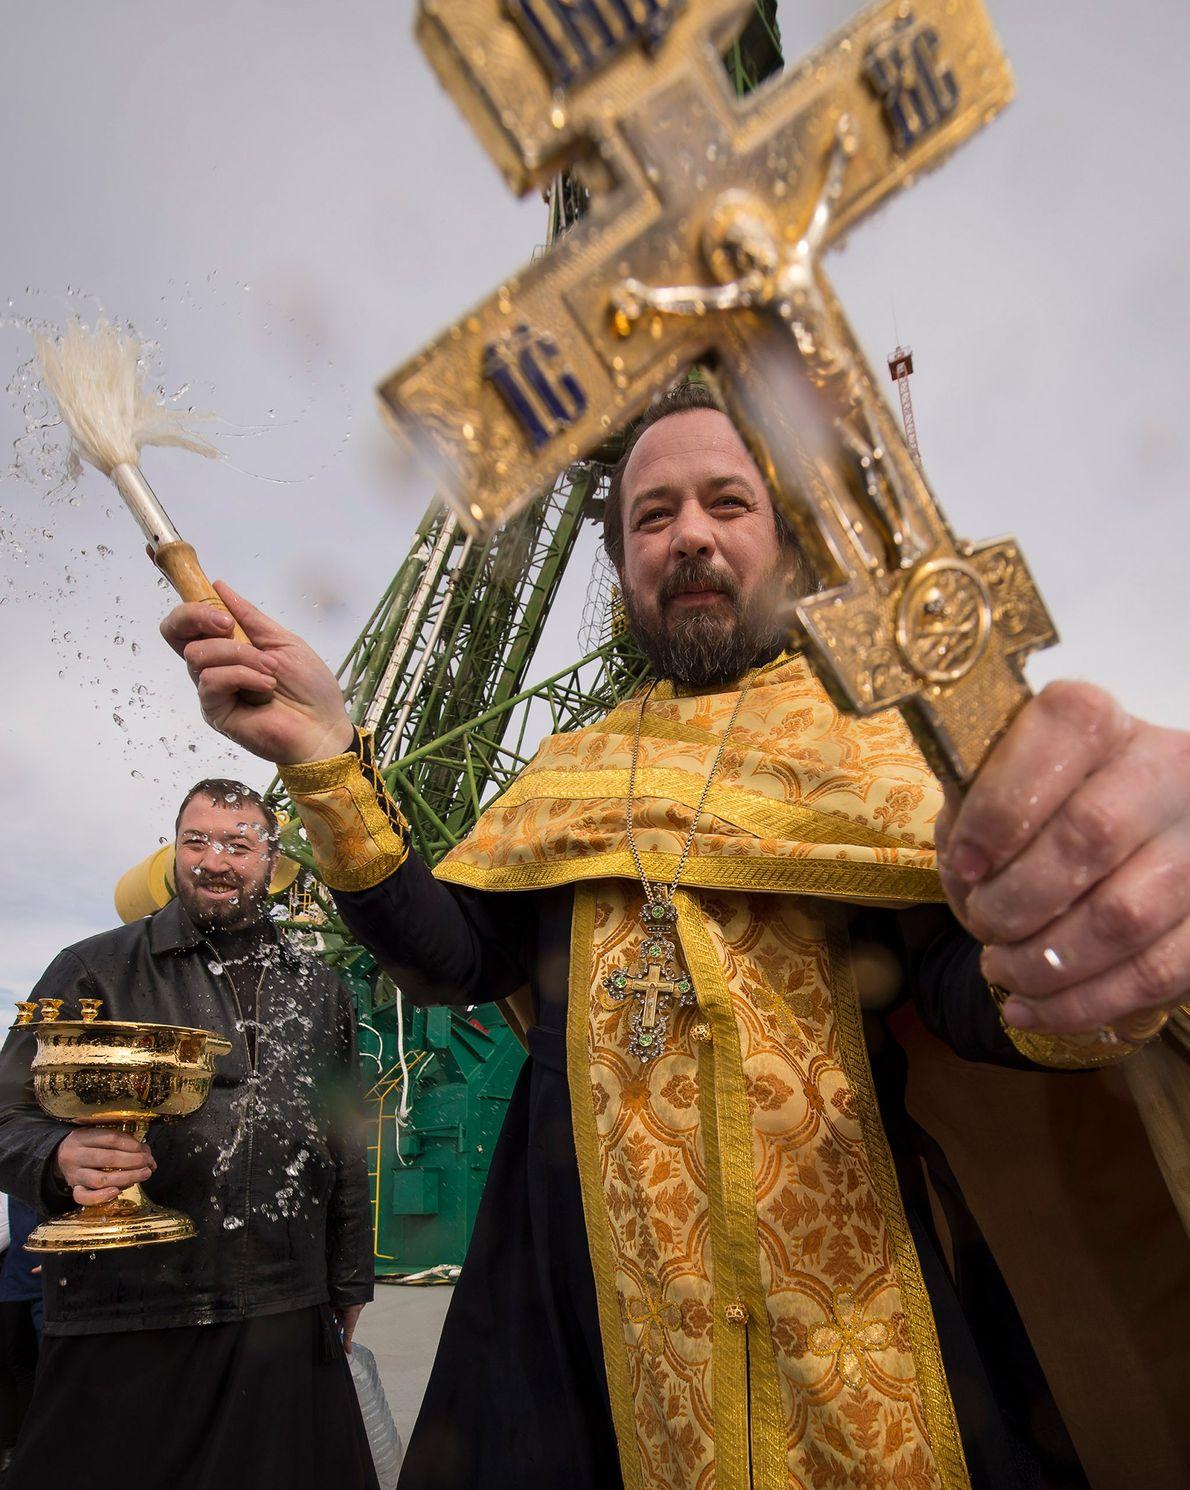 Padre ortodoxo abençoa o pessoal da mídia nas proximidades do foguete Soyuz na plataforma de lançamento ...